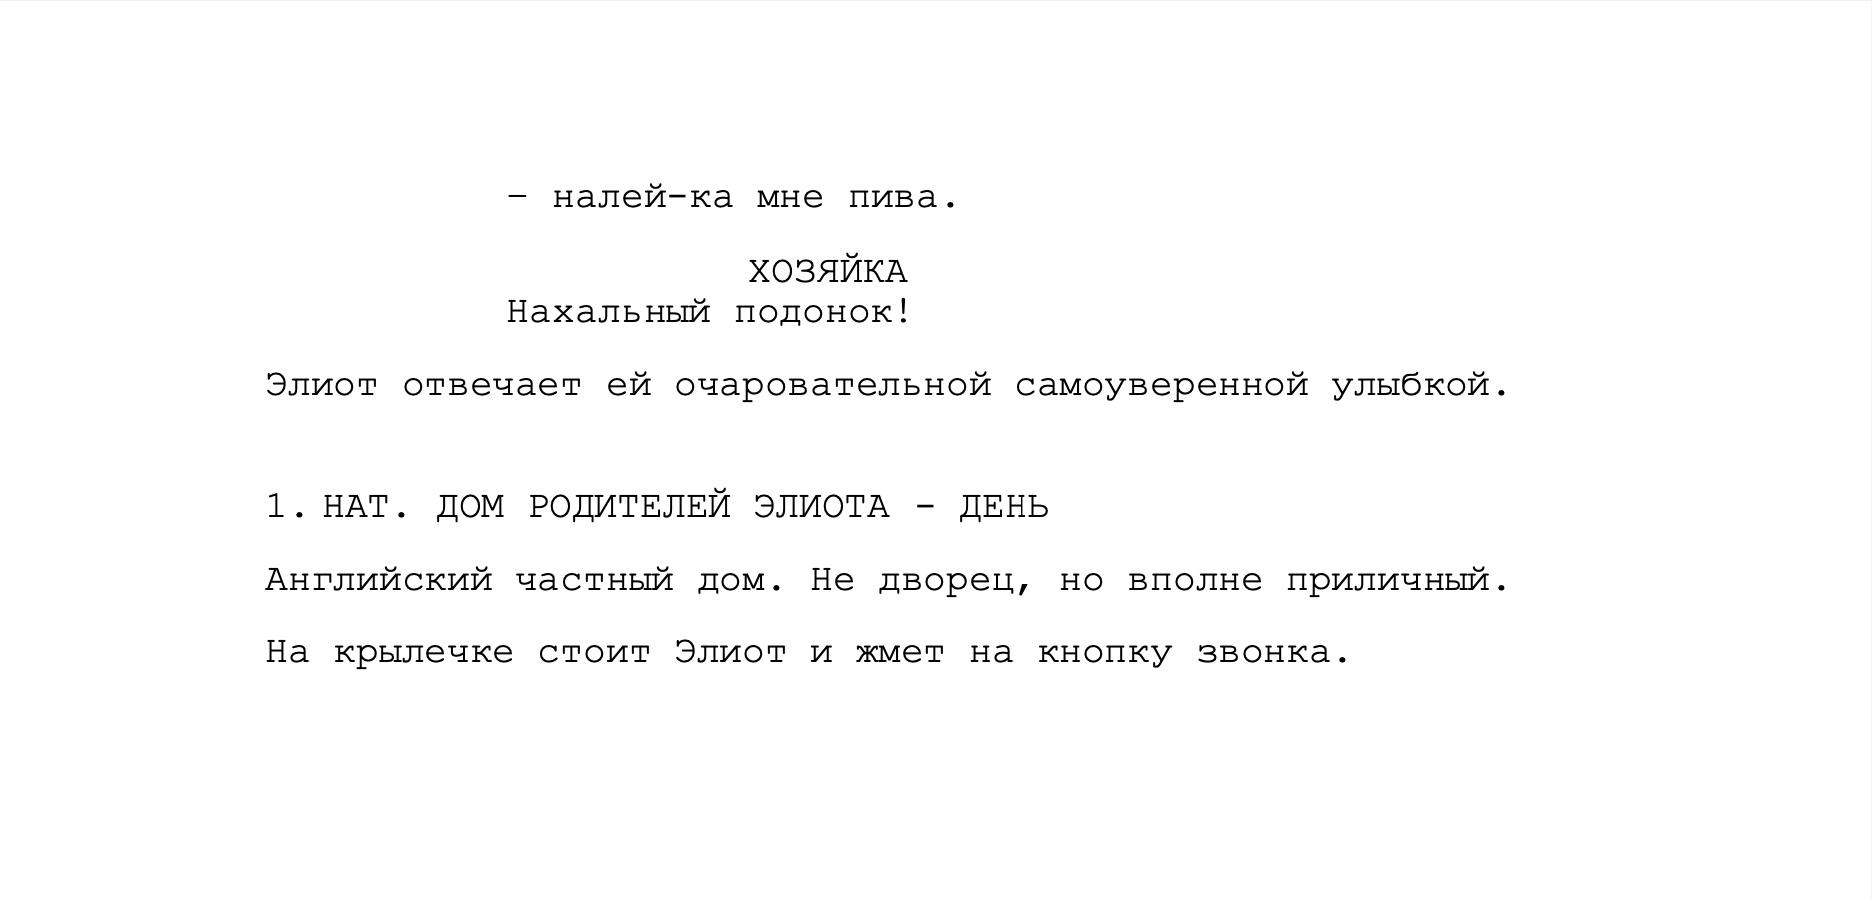 Сценарий фильма «Питер. Лето. Любовь» (2014)